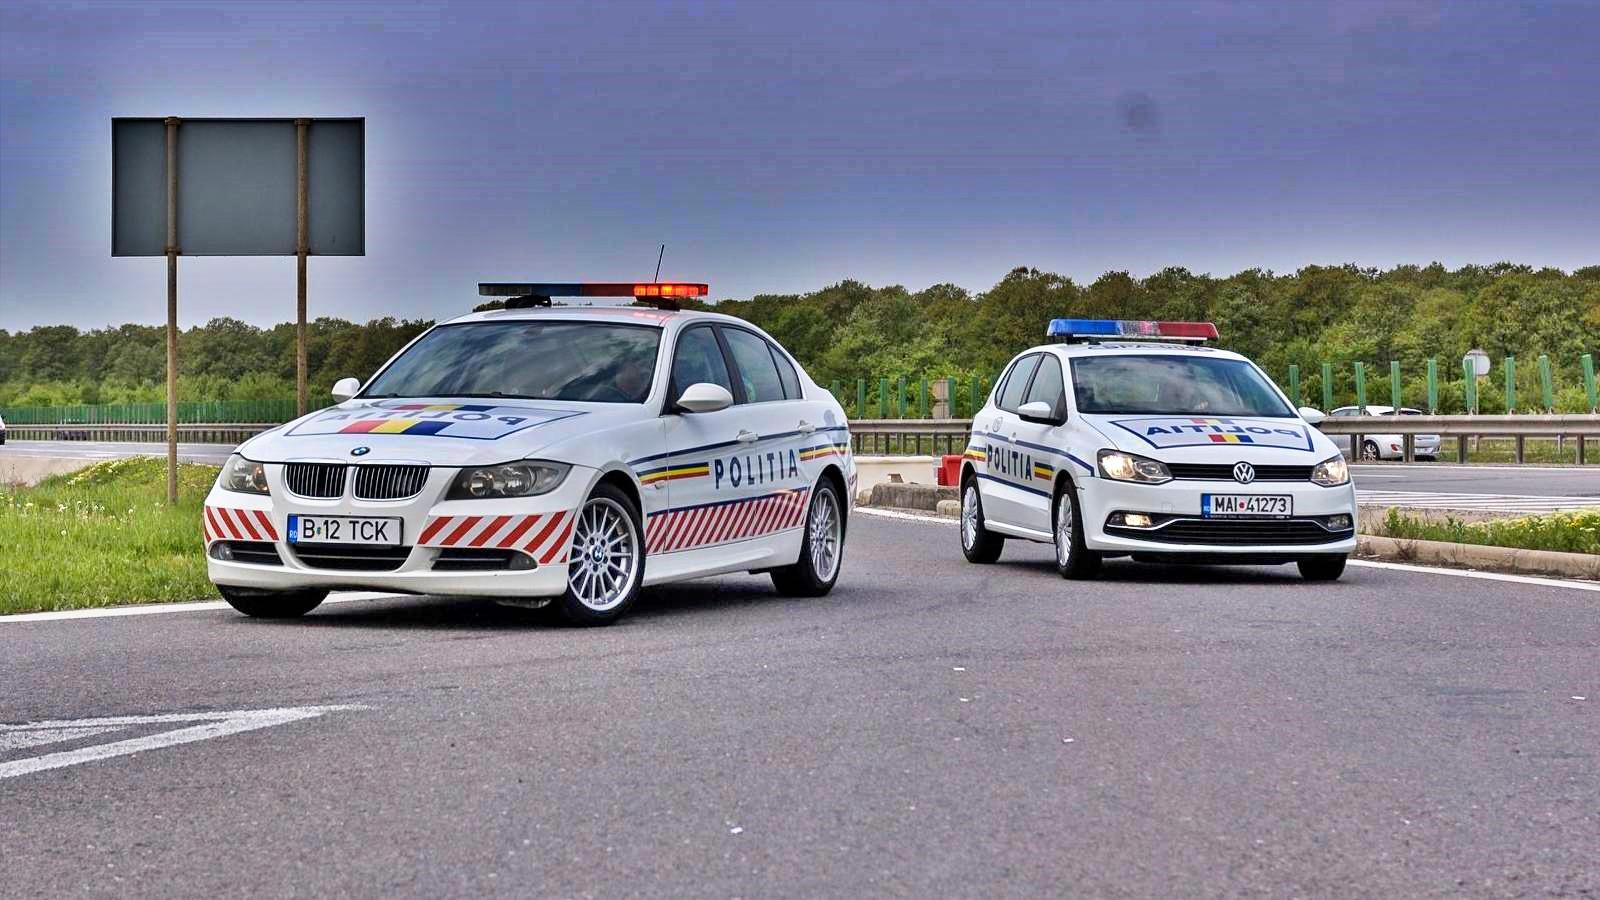 Politia Romana Mesajul catre MILIOANE de Soferi din Toata Tara